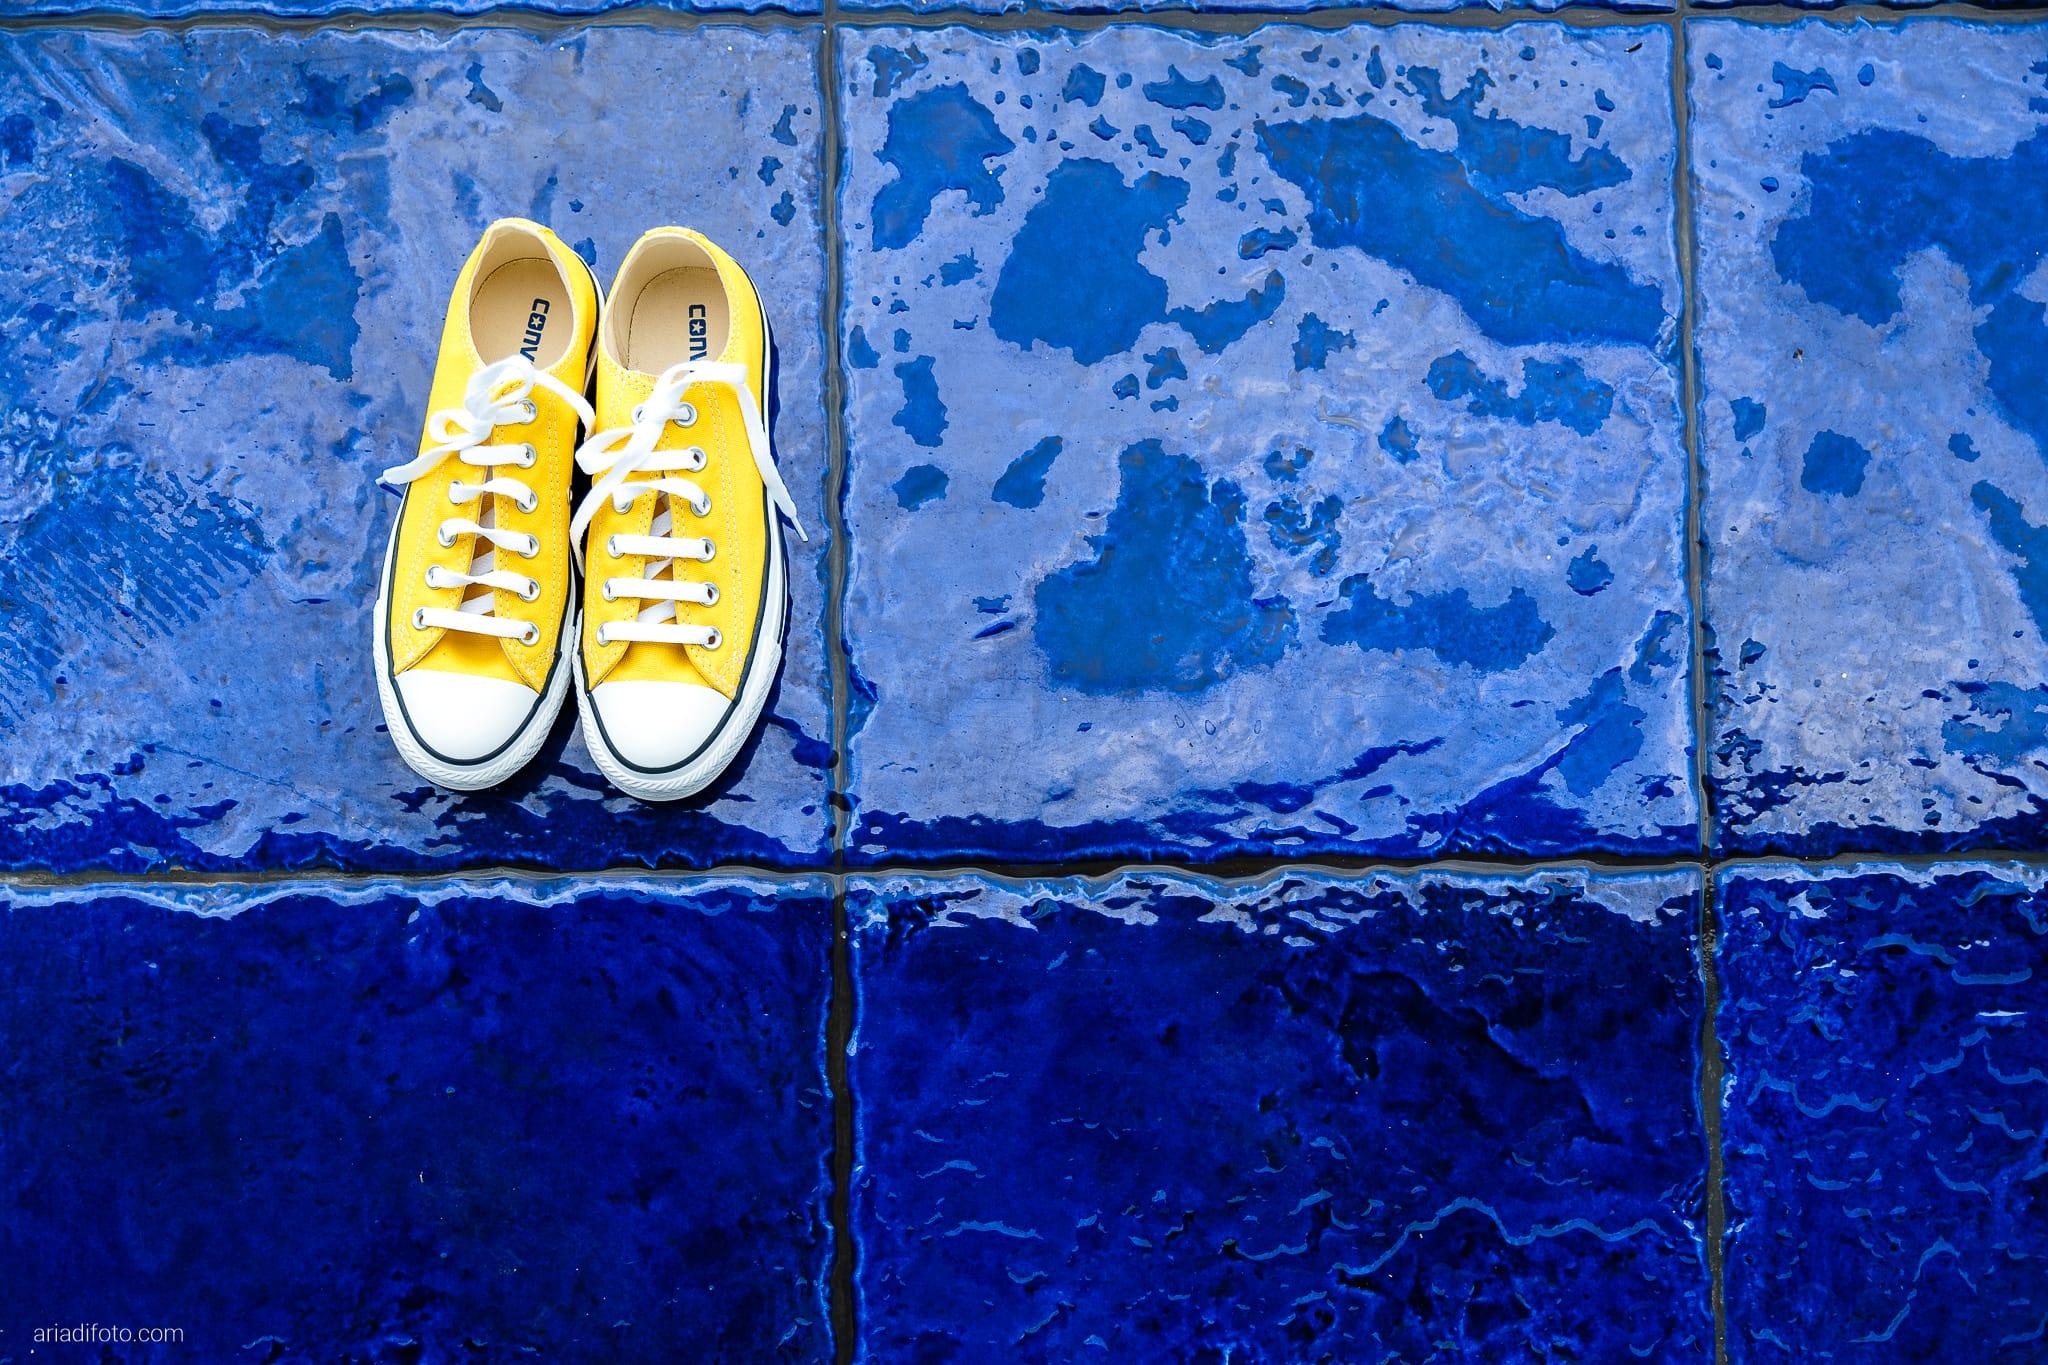 Francesca Andrea Matrimonio Muggia Porto San Rocco Marina San Giusto Trieste preparativi dettagli scarpe